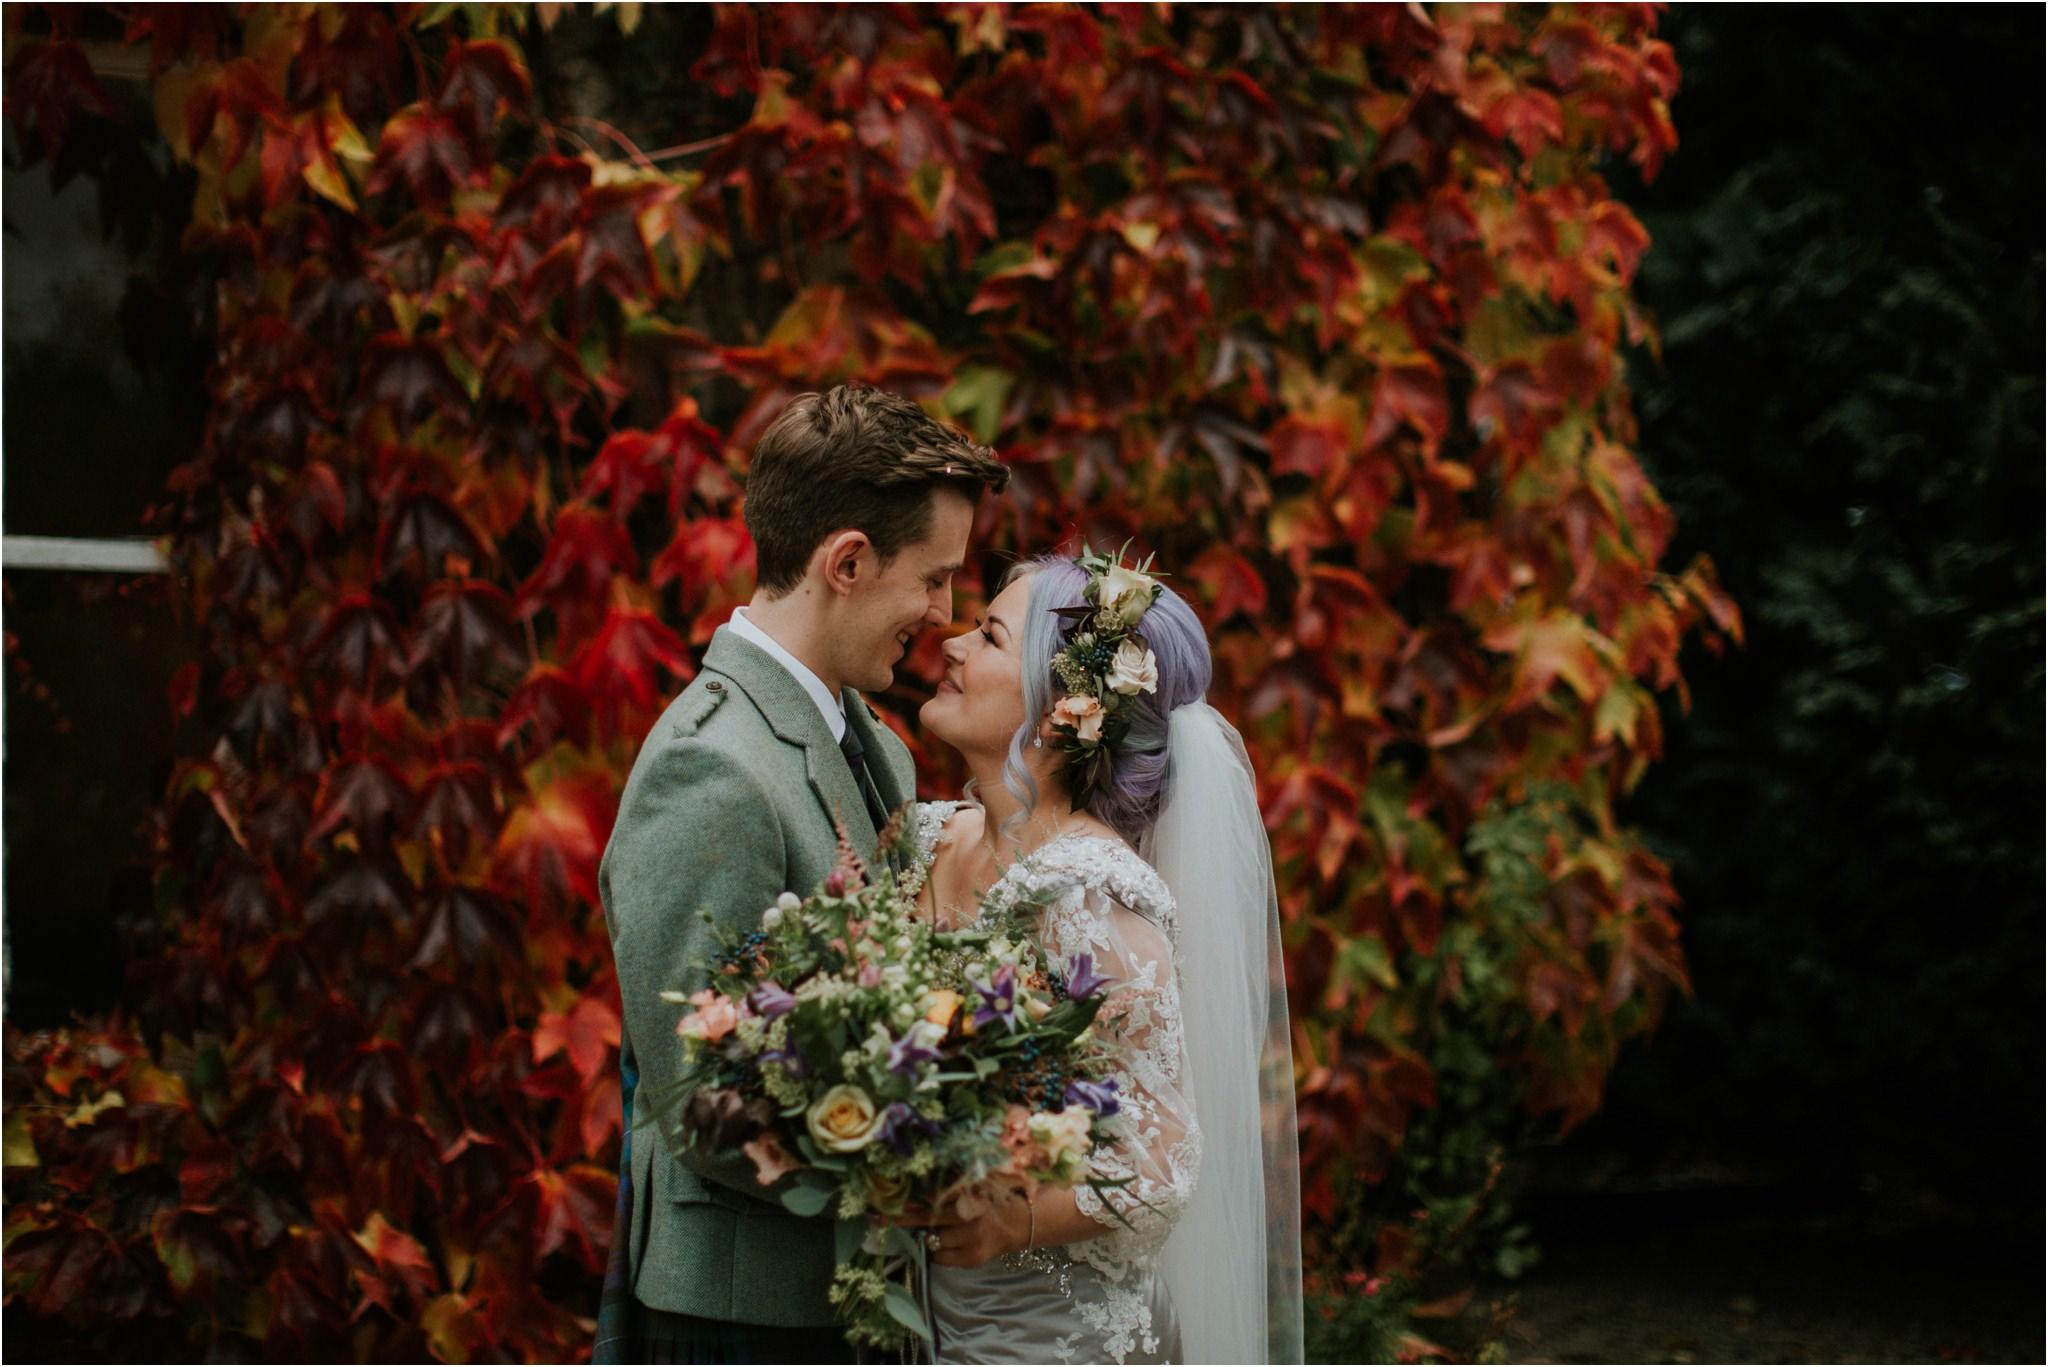 Photography 78 - Glasgow Wedding Photographer - Pete & Eilidh - Dalduff Farm_0049.jpg